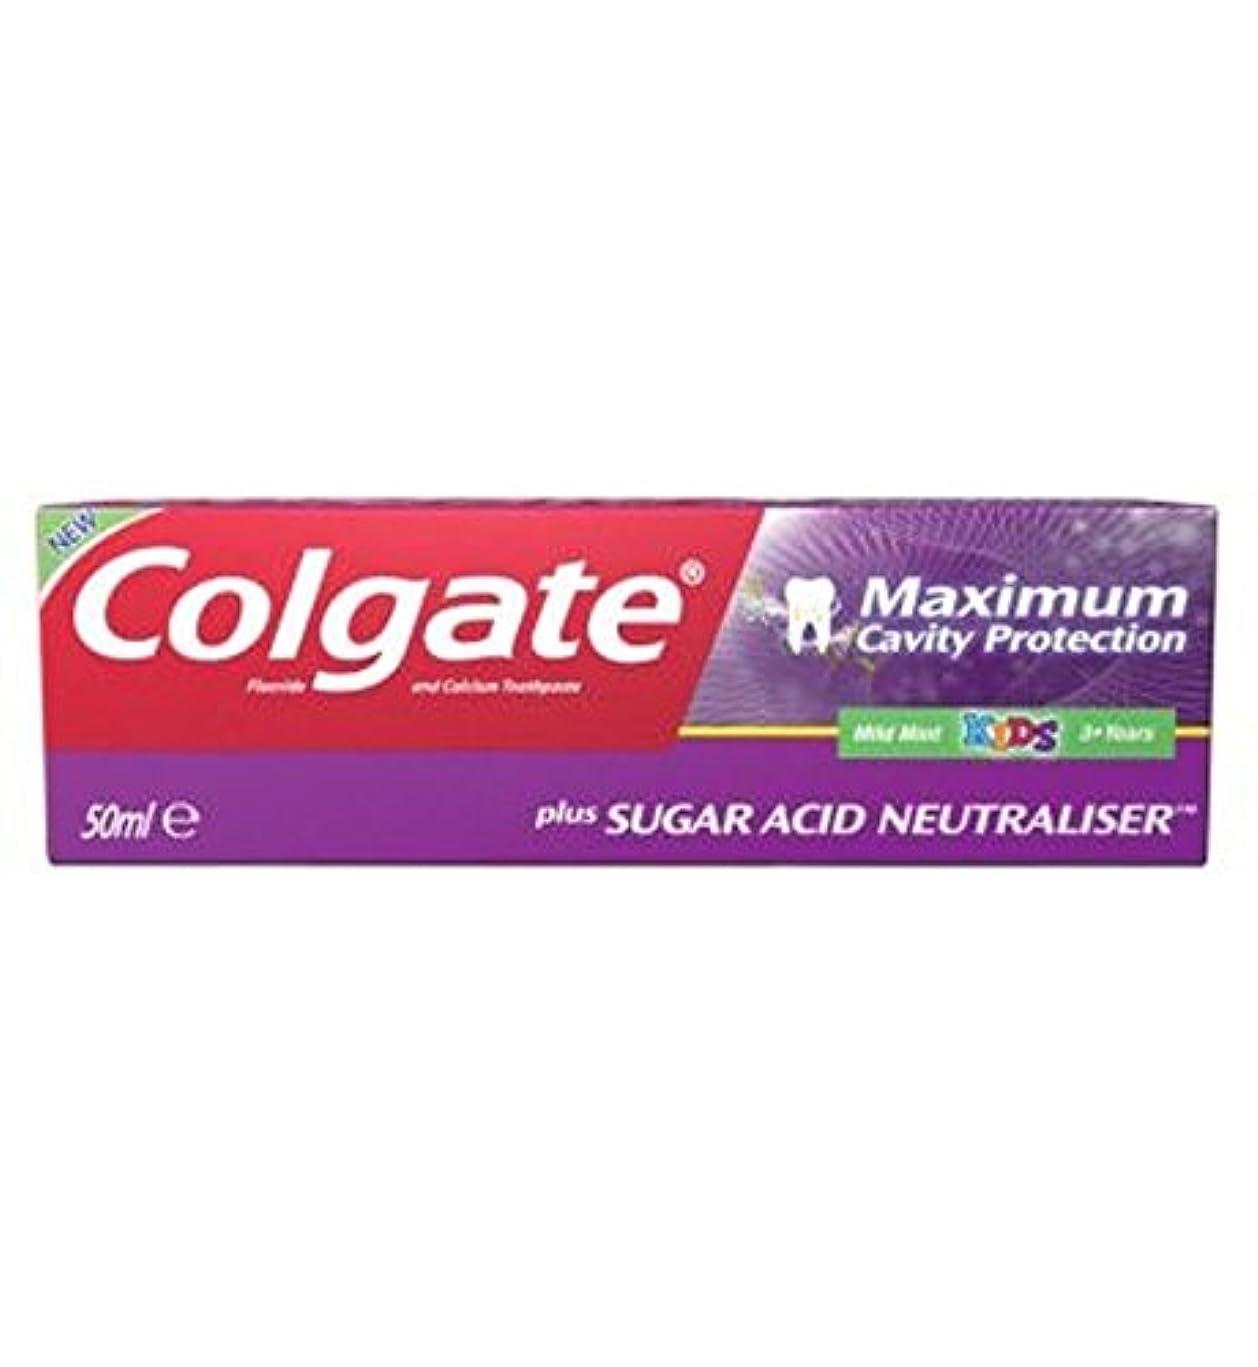 先史時代のチロ買うコルゲート最大空洞の保護に加えて、糖酸中和剤の子供の歯磨き粉50ミリリットル (Colgate) (x2) - Colgate Maximum Cavity Protection plus Sugar Acid Neutraliser...